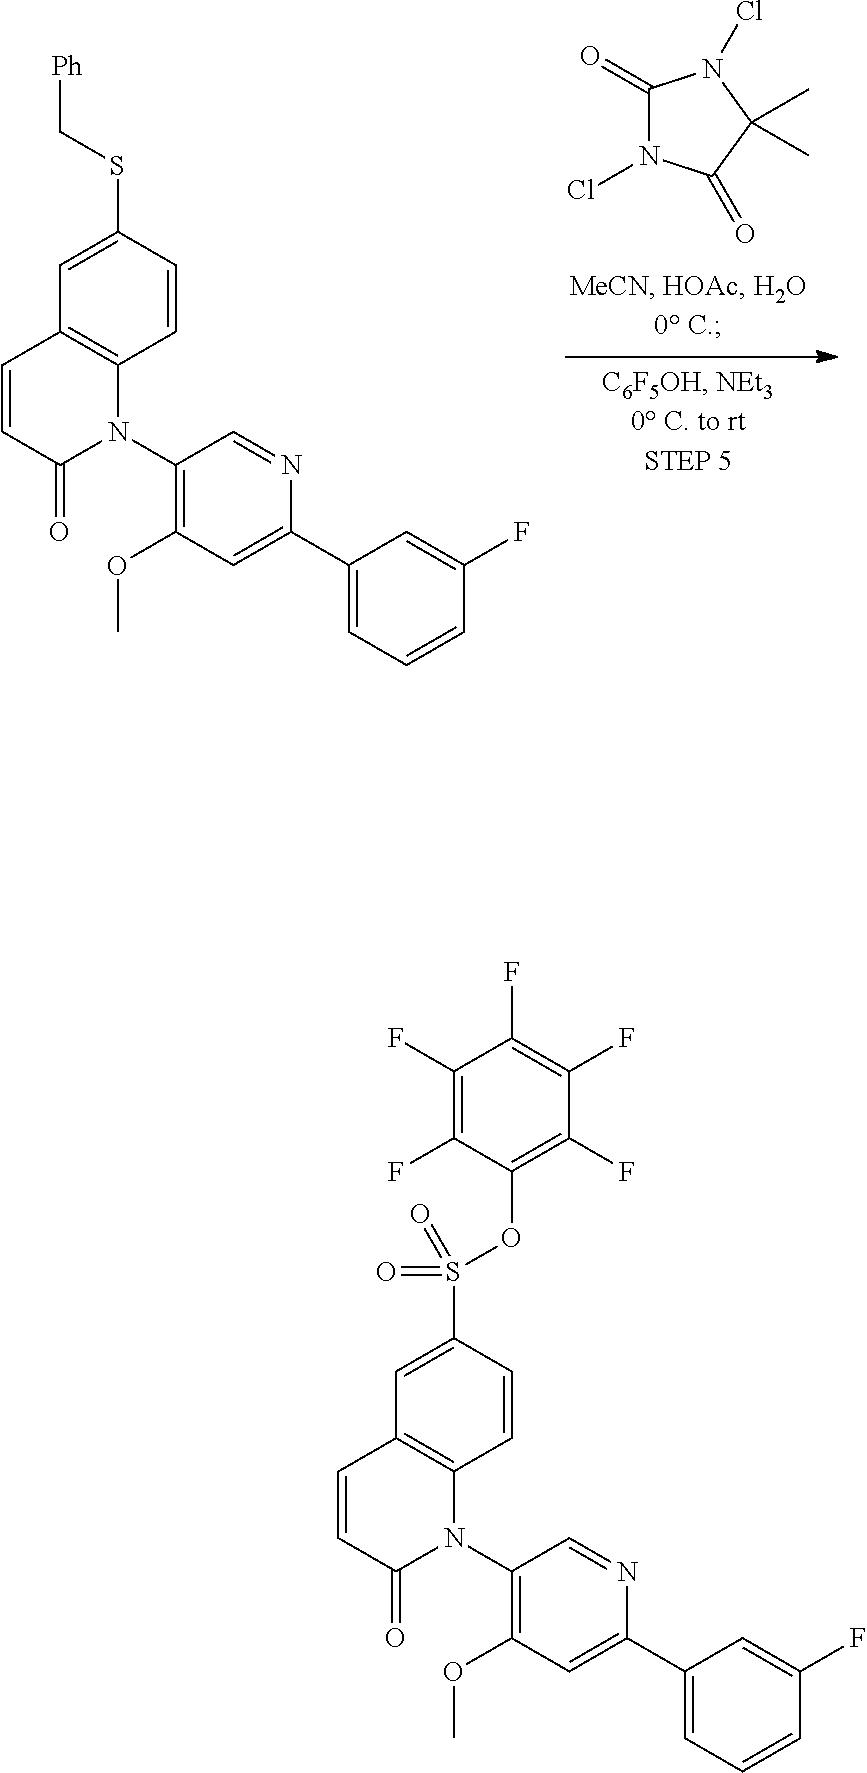 Figure US09212182-20151215-C00020